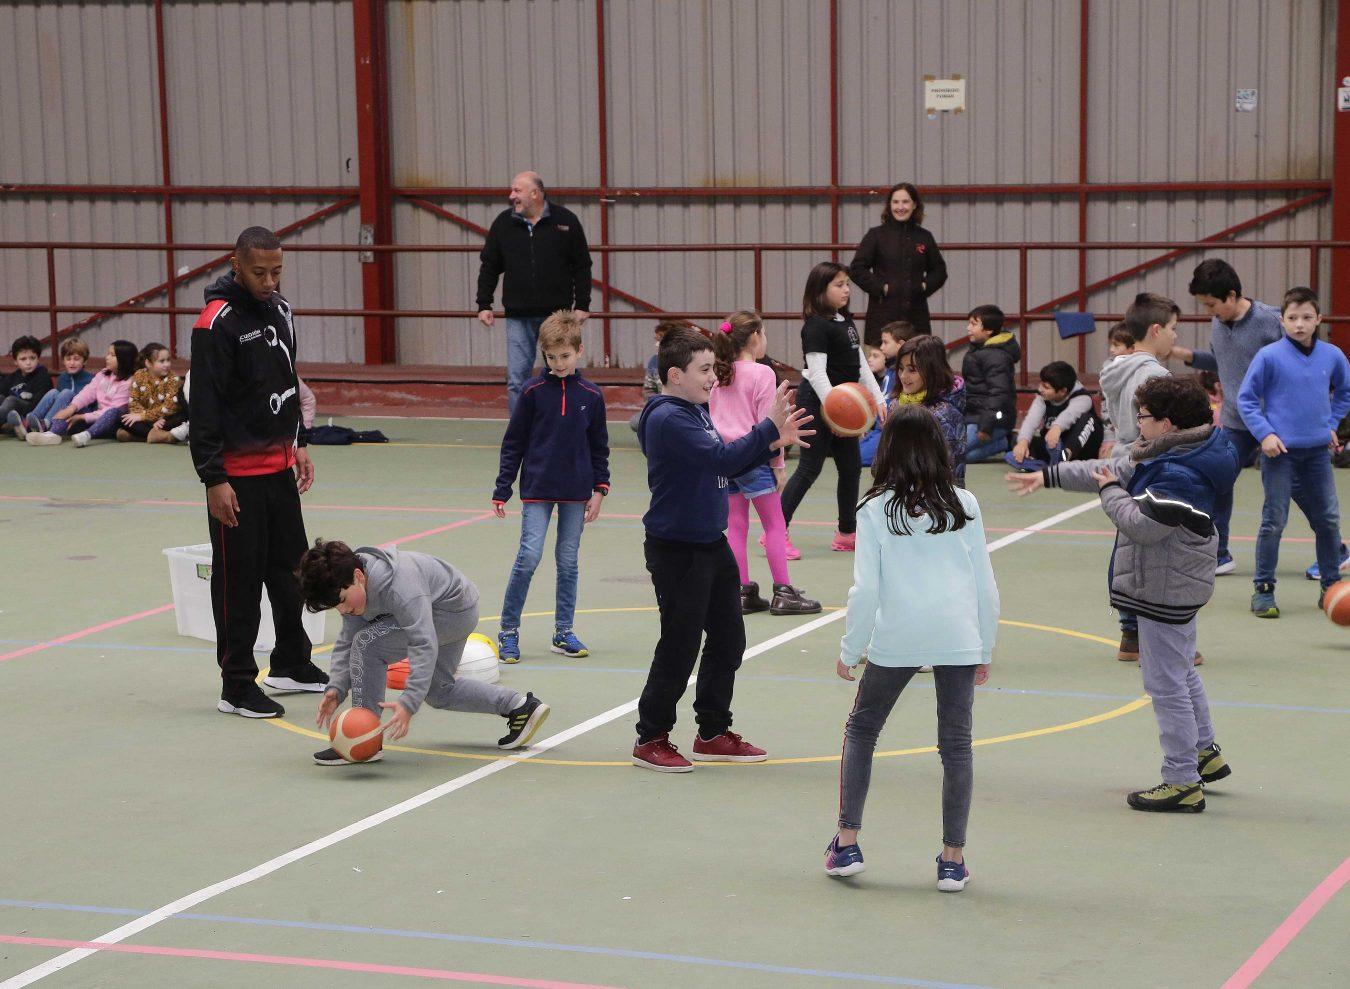 Juego de altura en el colegio público de Ribadesella con la visita del Traslacard Círculo Baloncesto Gijón